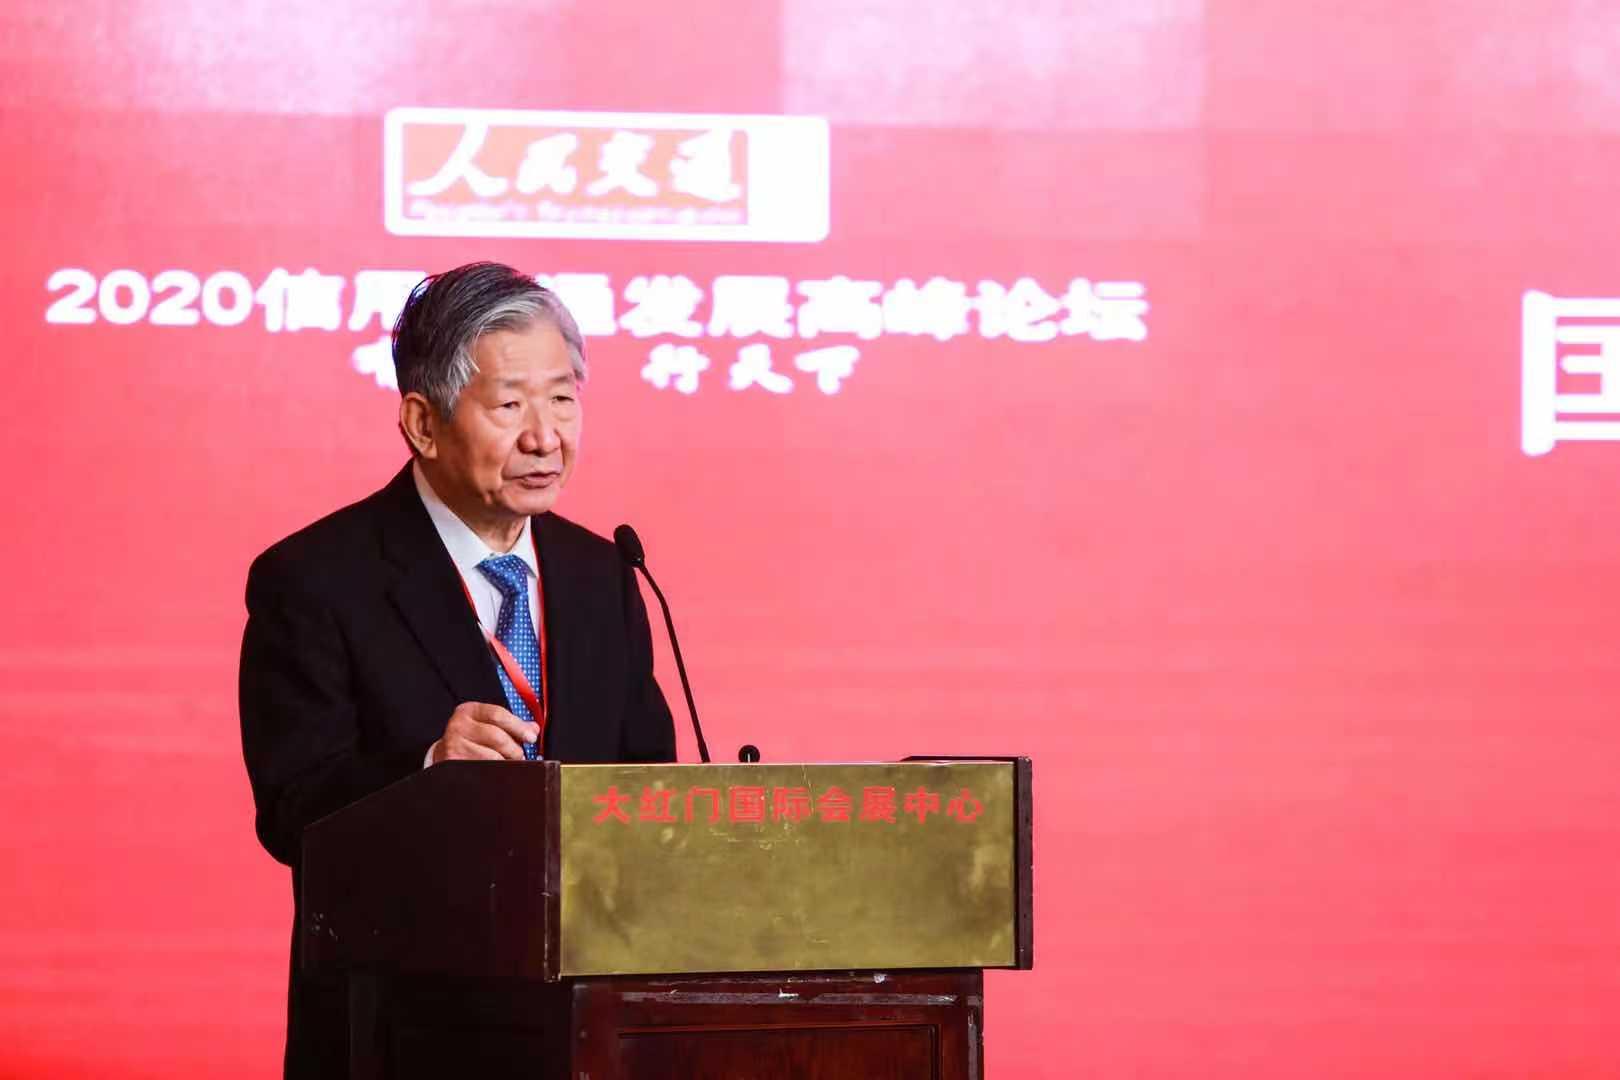 国务院发展研究中心原副主任侯云春在2020信用交通发展高峰论坛上主旨演讲